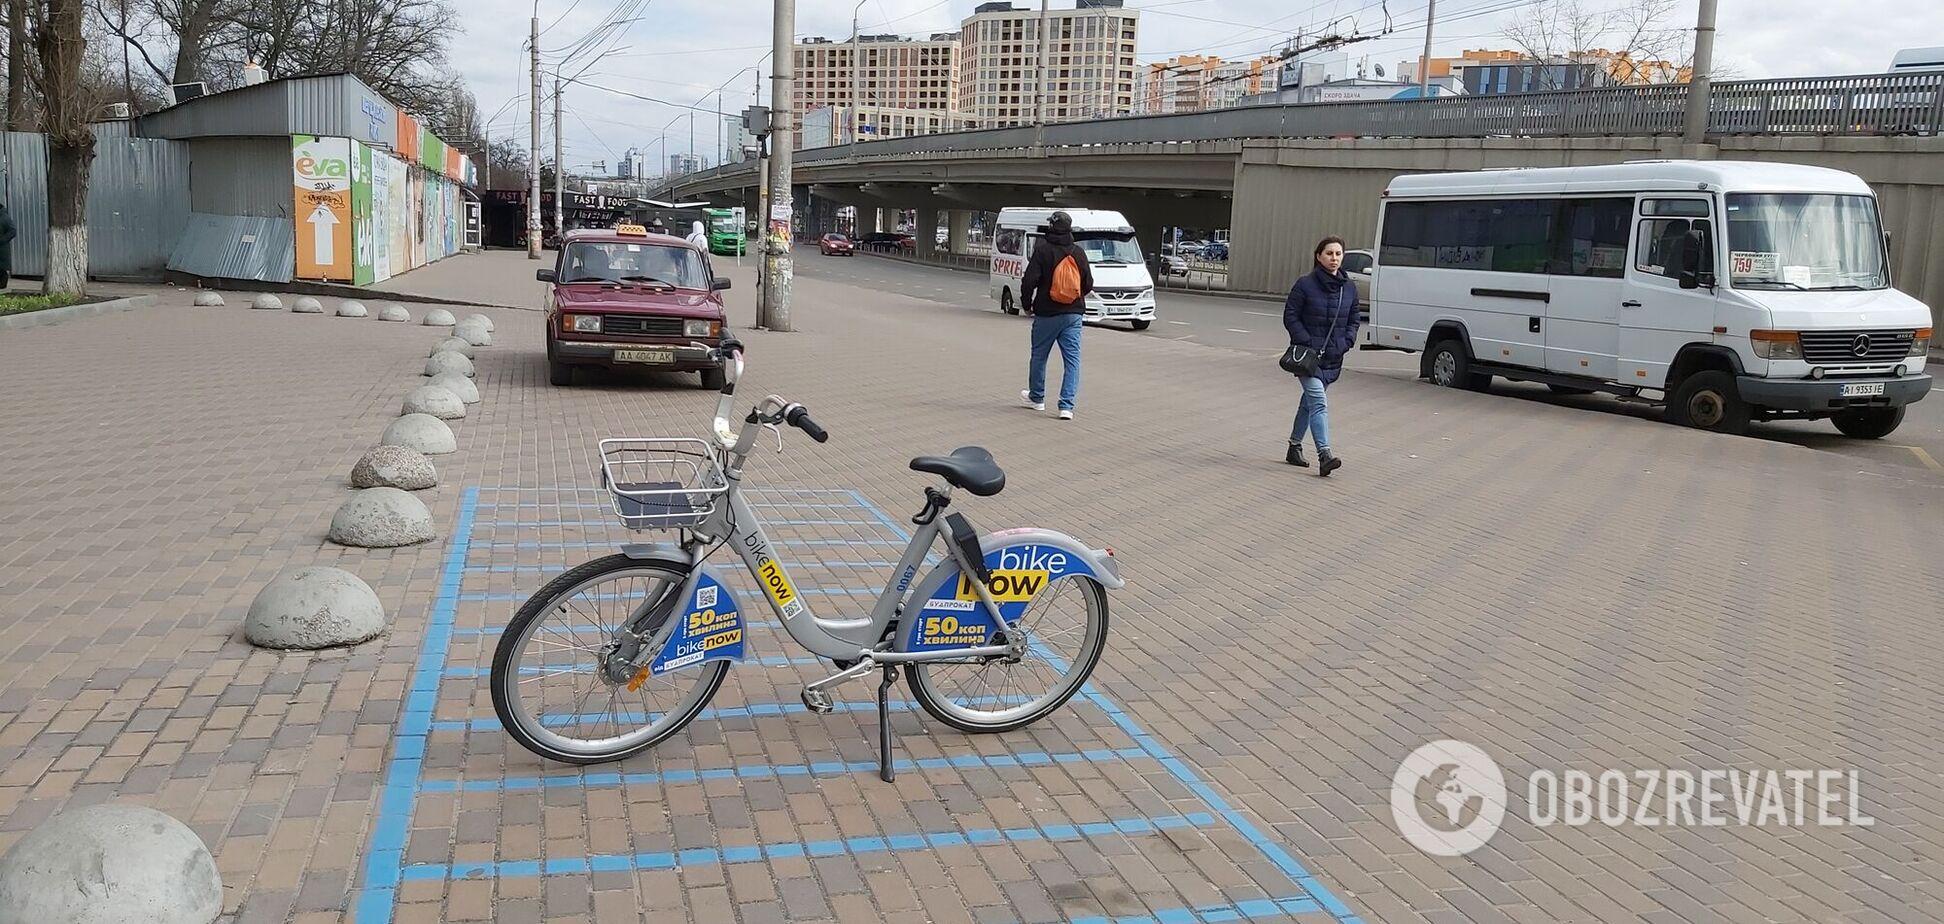 'Апокалипсис' в Киеве: улицы столицы опустели из-за локдауна. Фоторепортаж